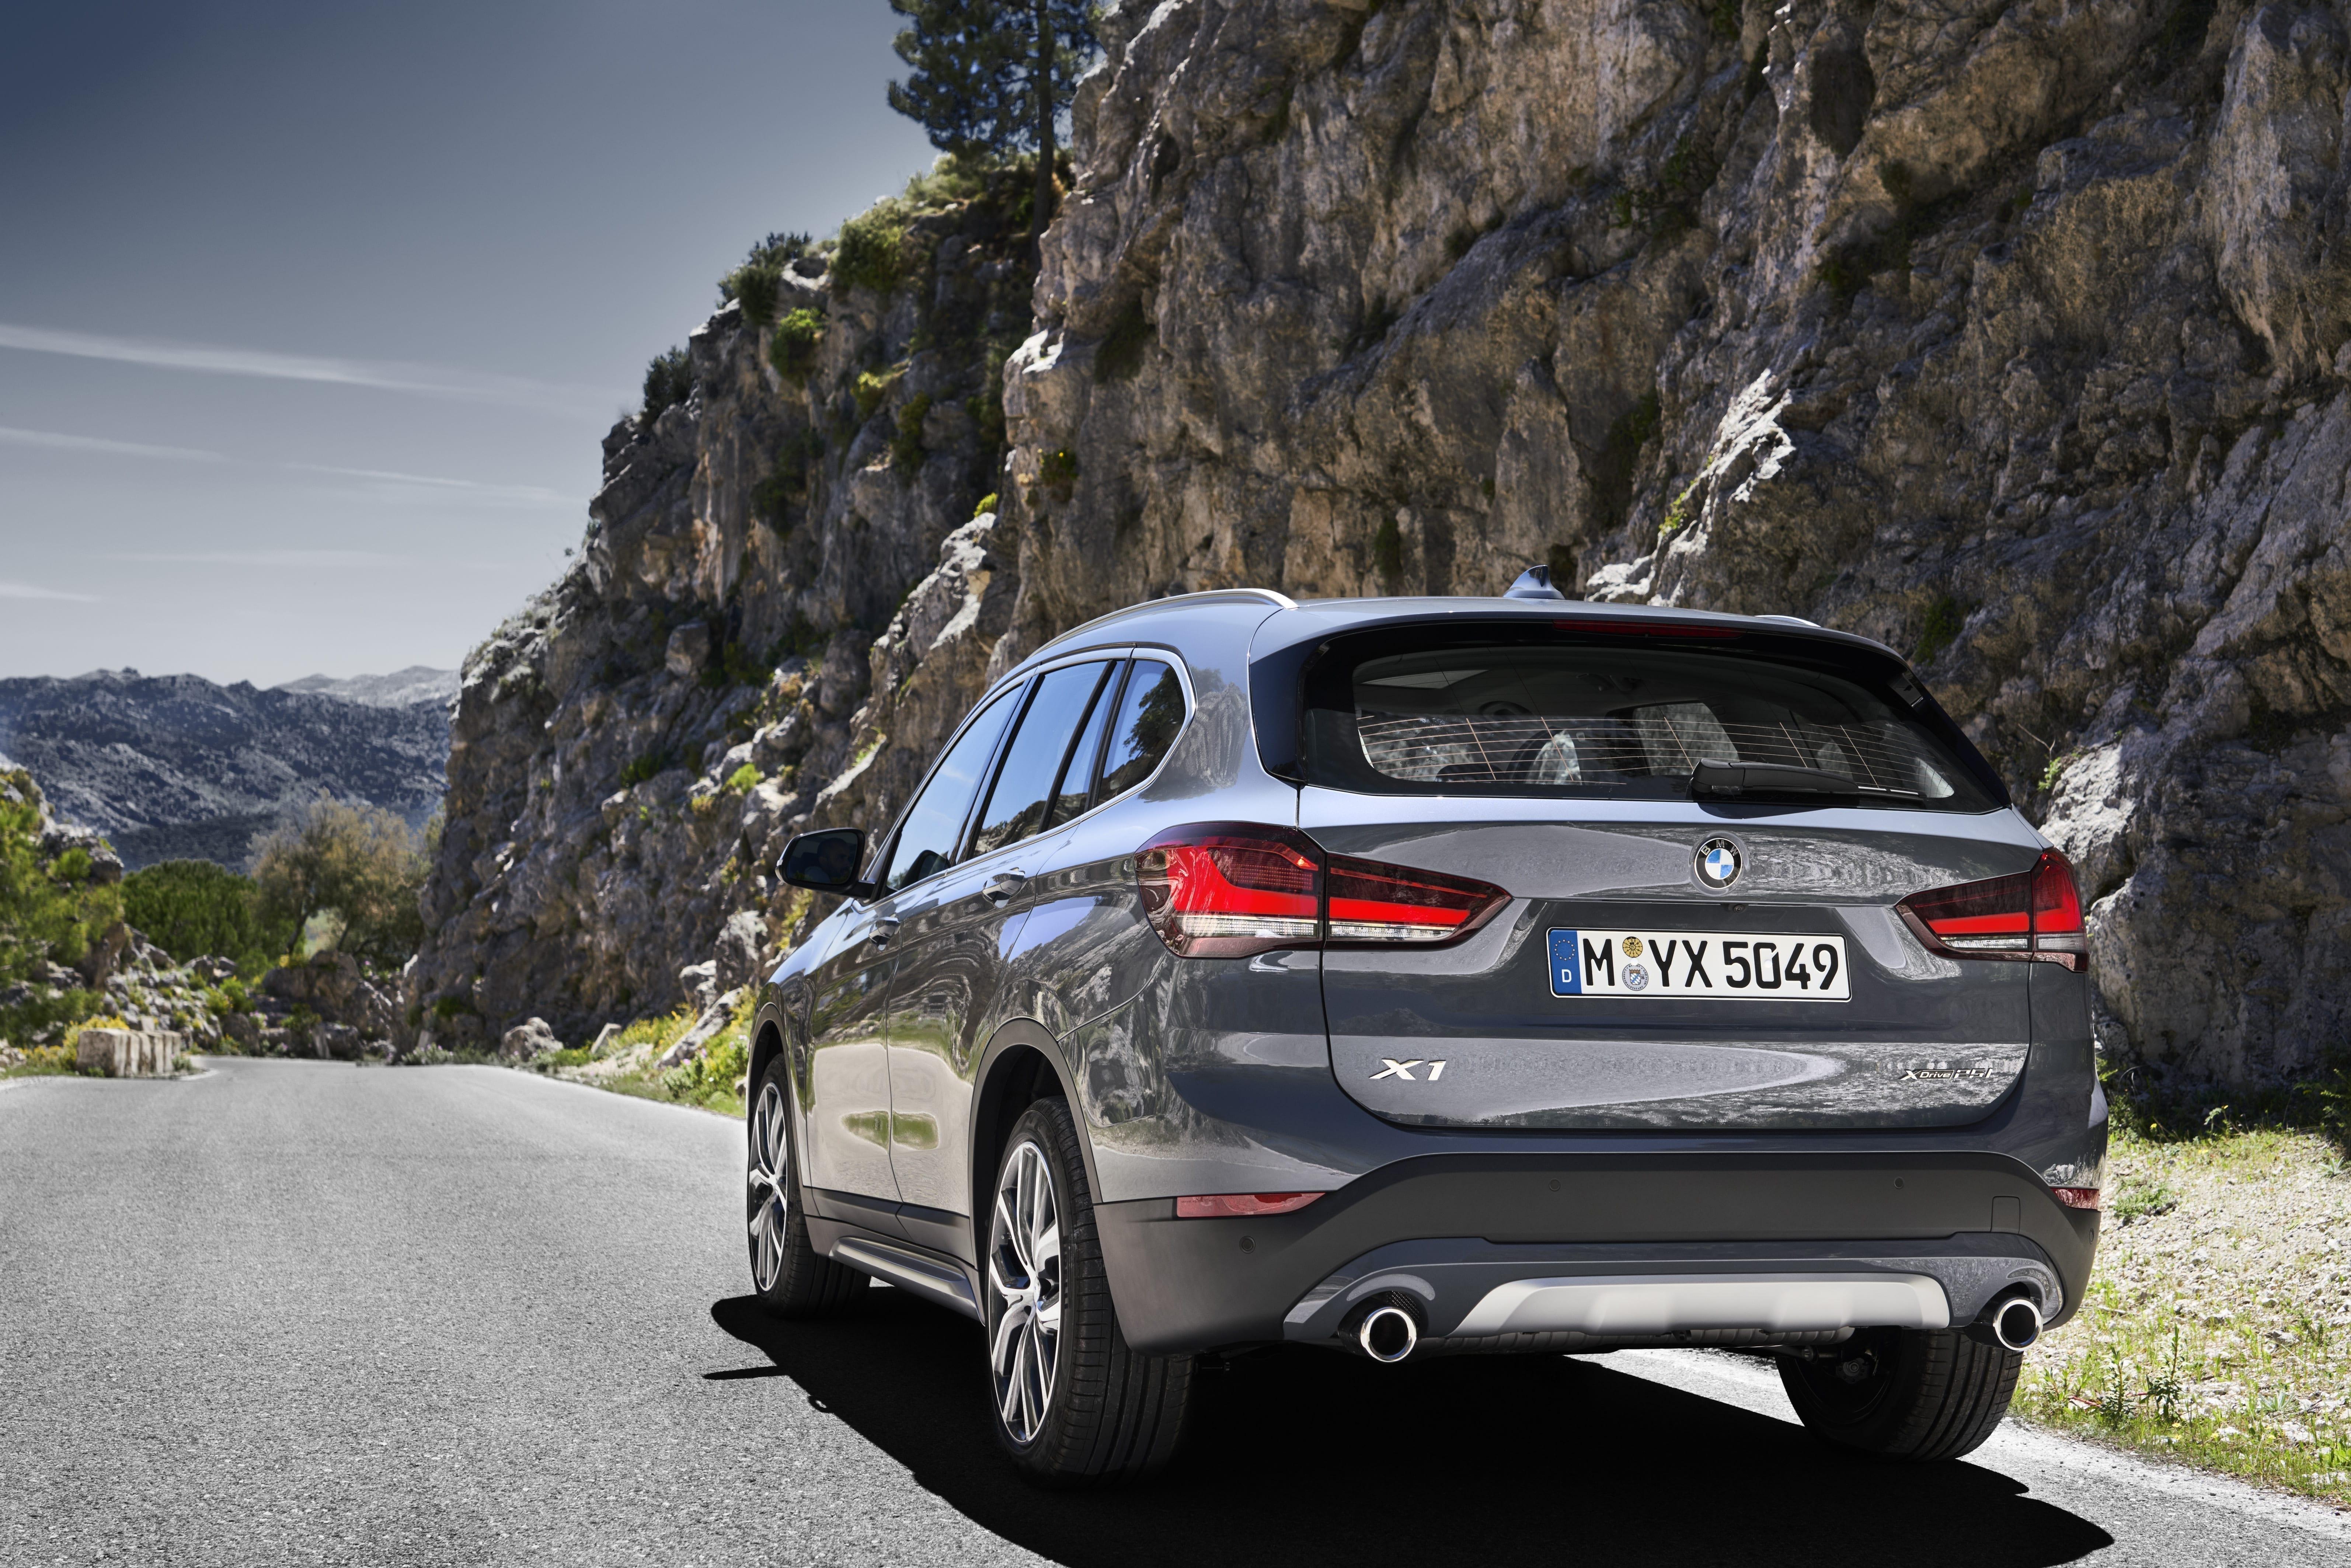 BMW X1 en carretera